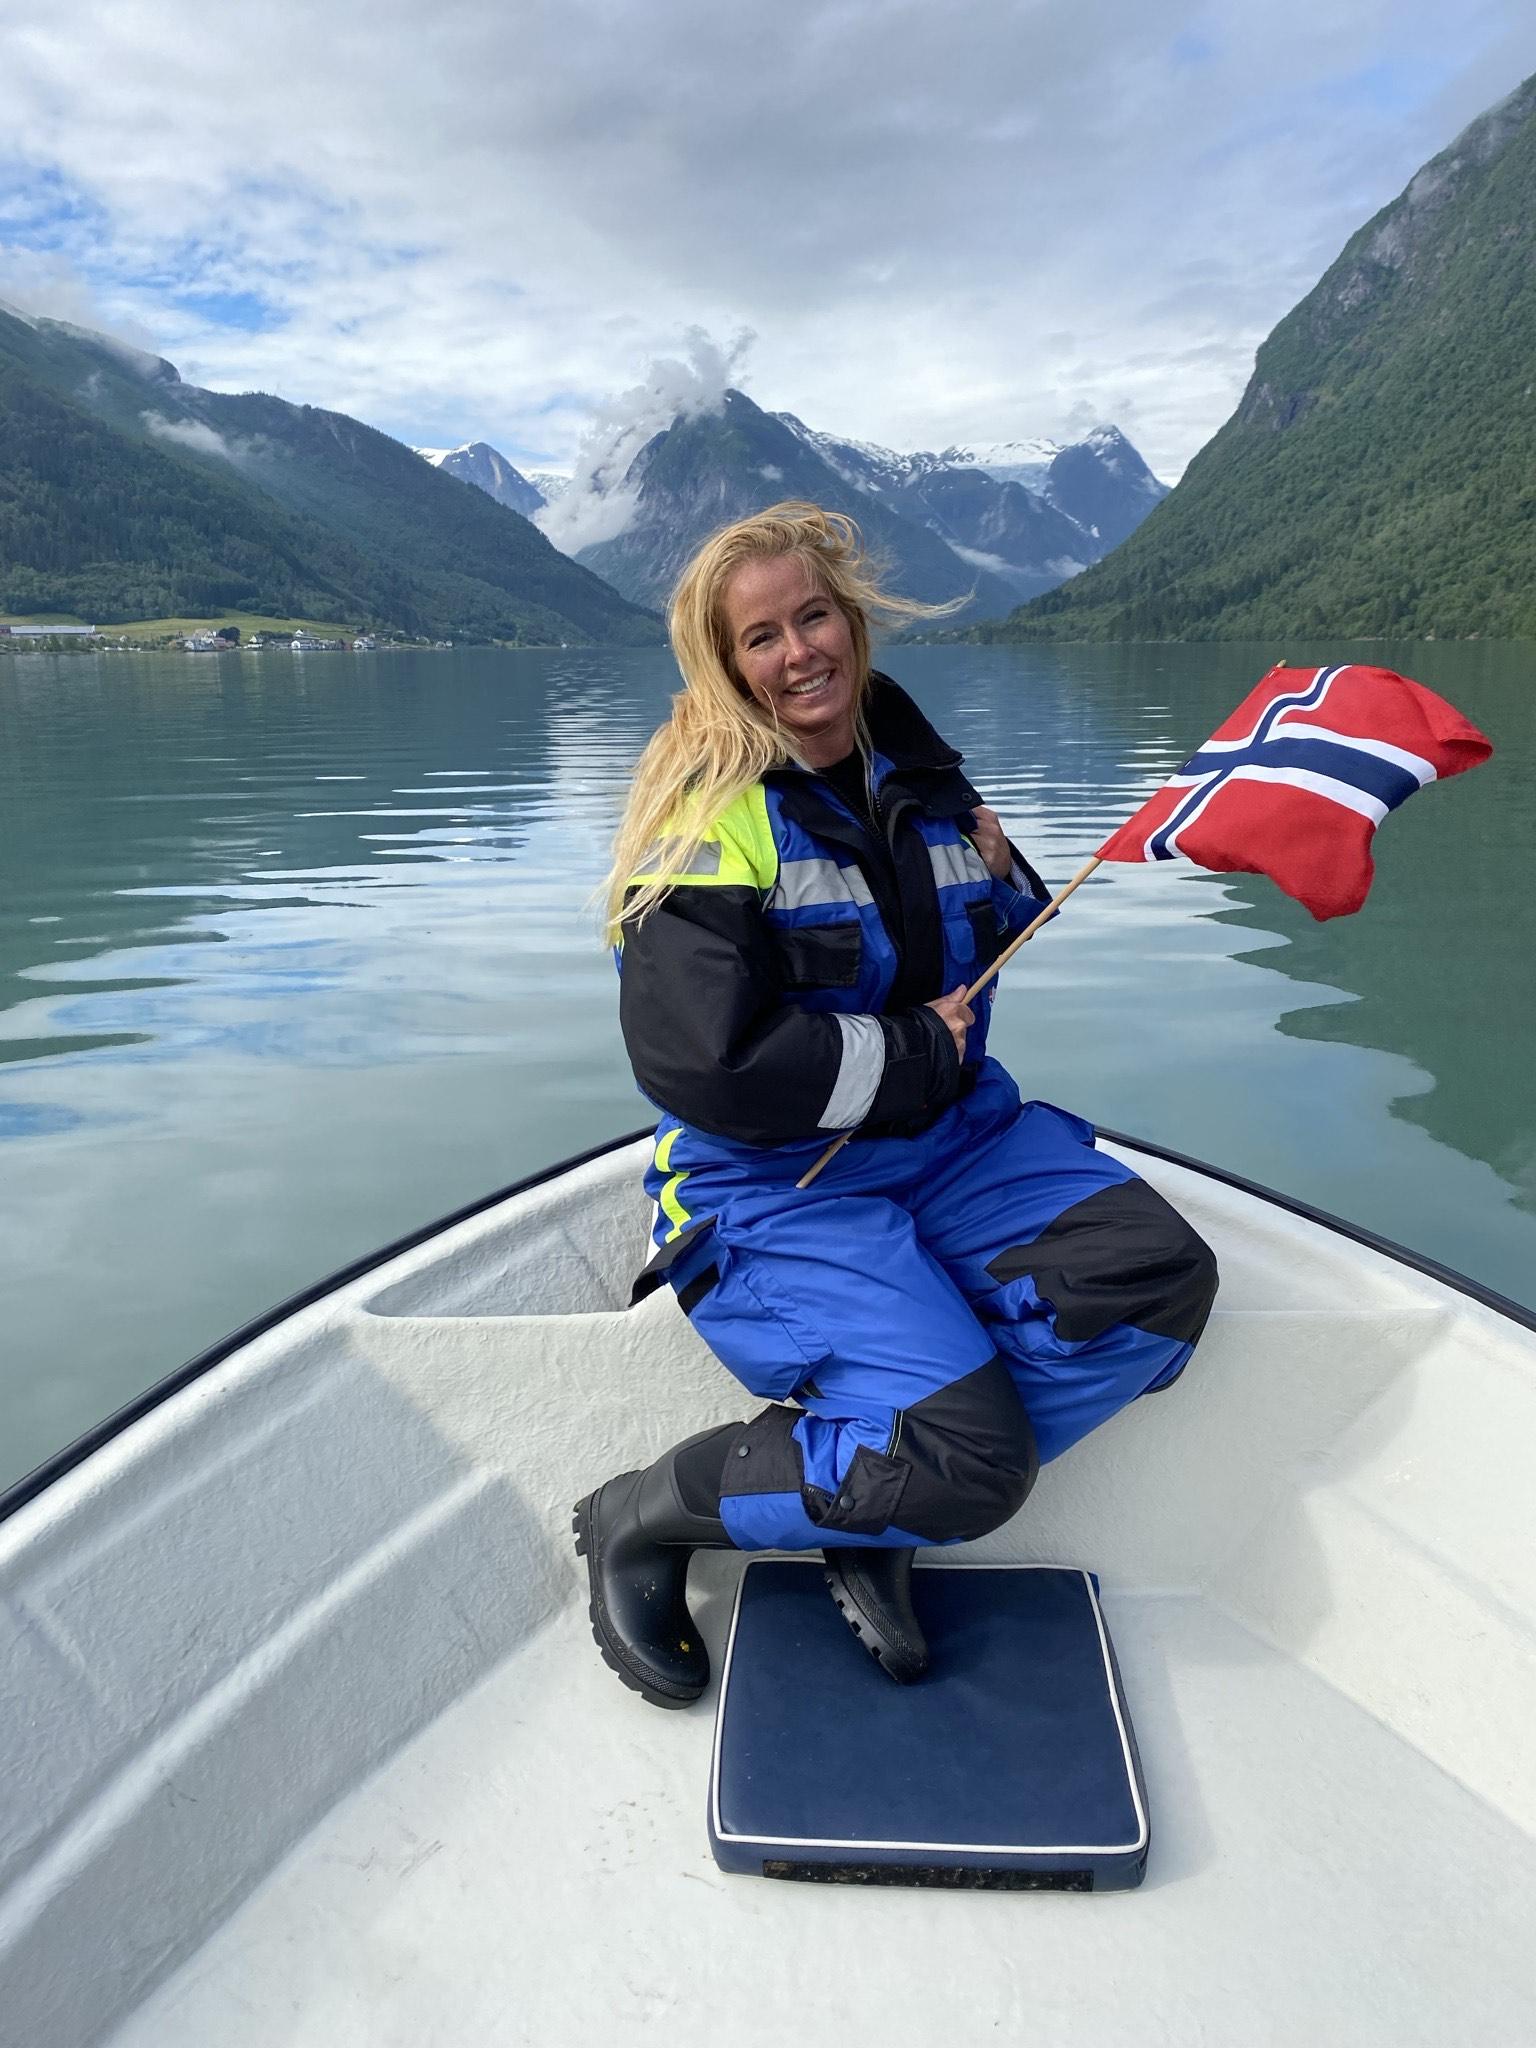 Balestrand Fjord Fisking & Dorging? - Her Er Den Genuine Fjord Opplevelsen !